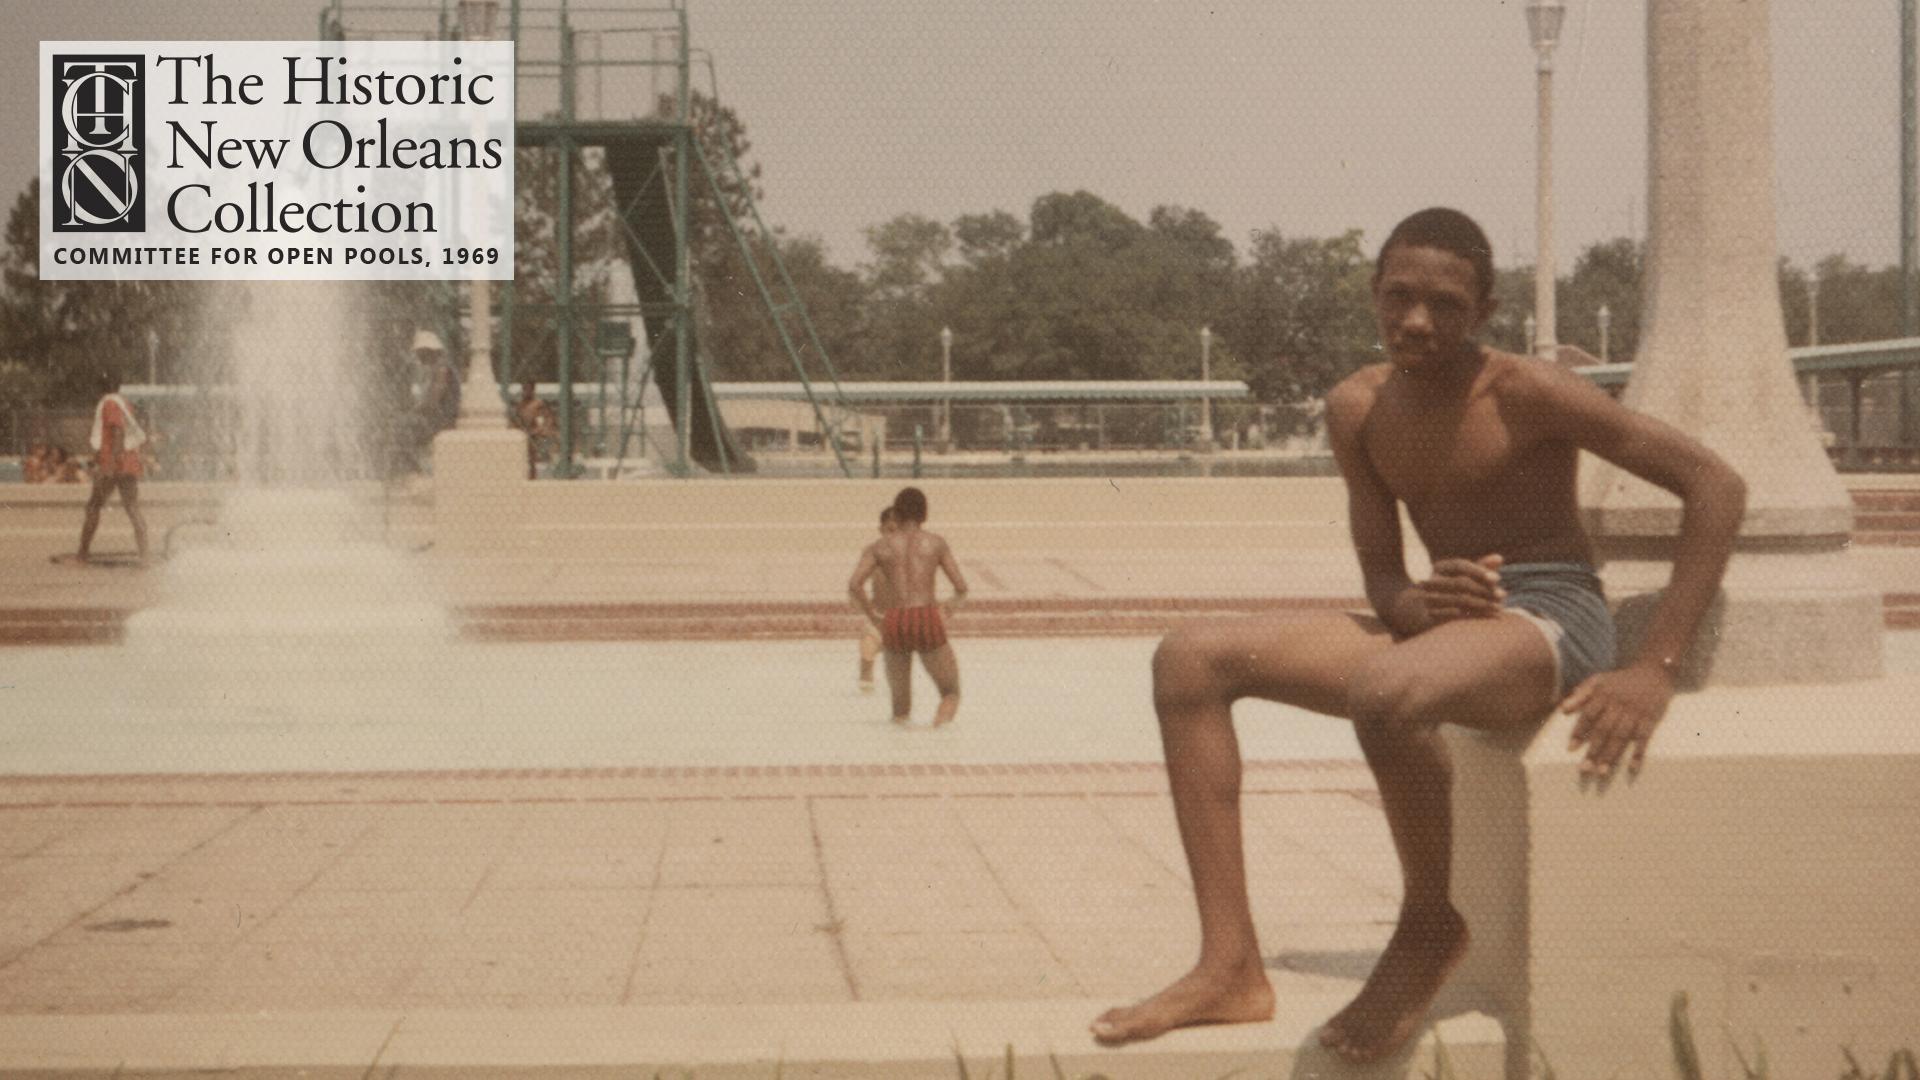 Young Men at Audubon Pool, 1969